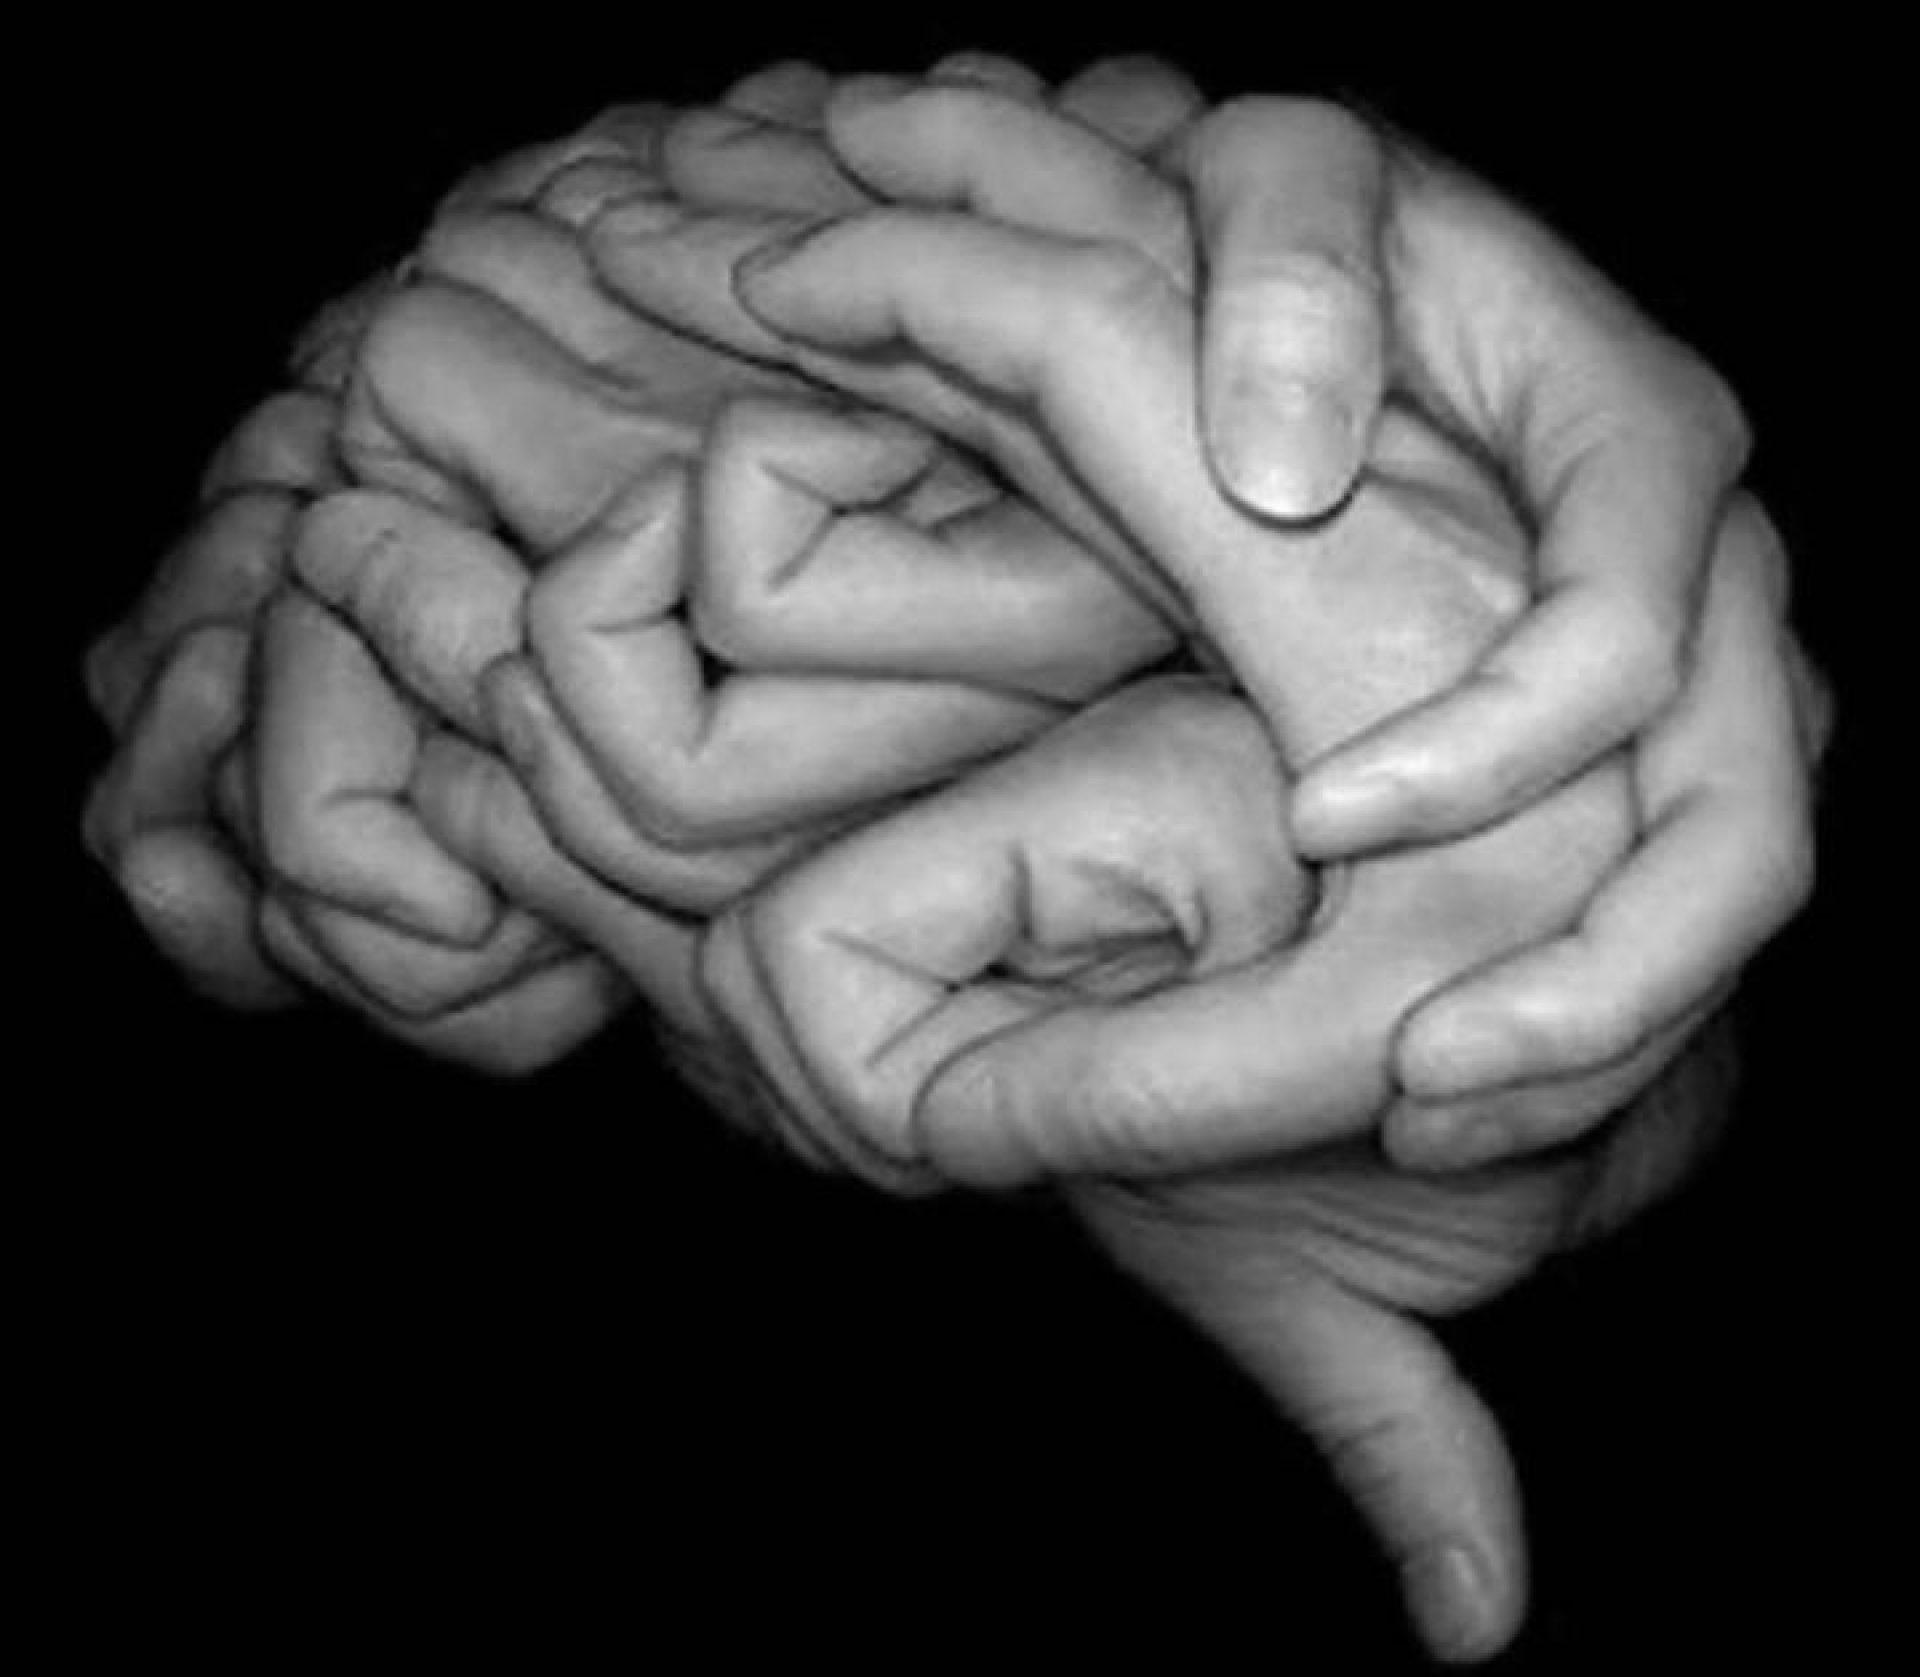 brain made of hands.jpg